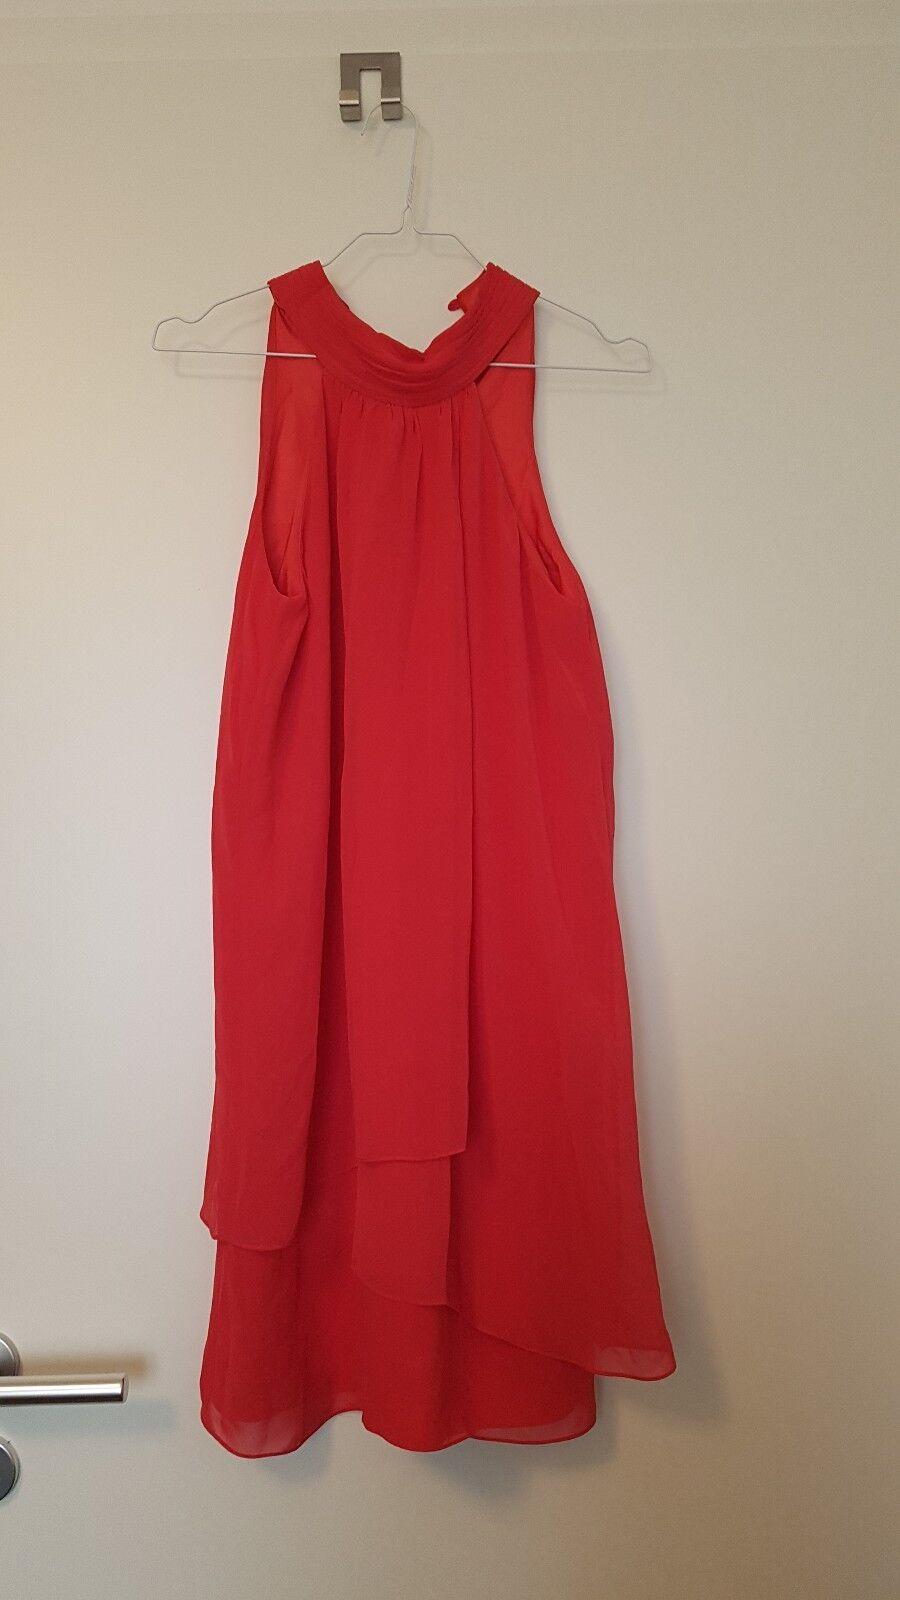 Kleid von Jake's, Gr. 34, coral